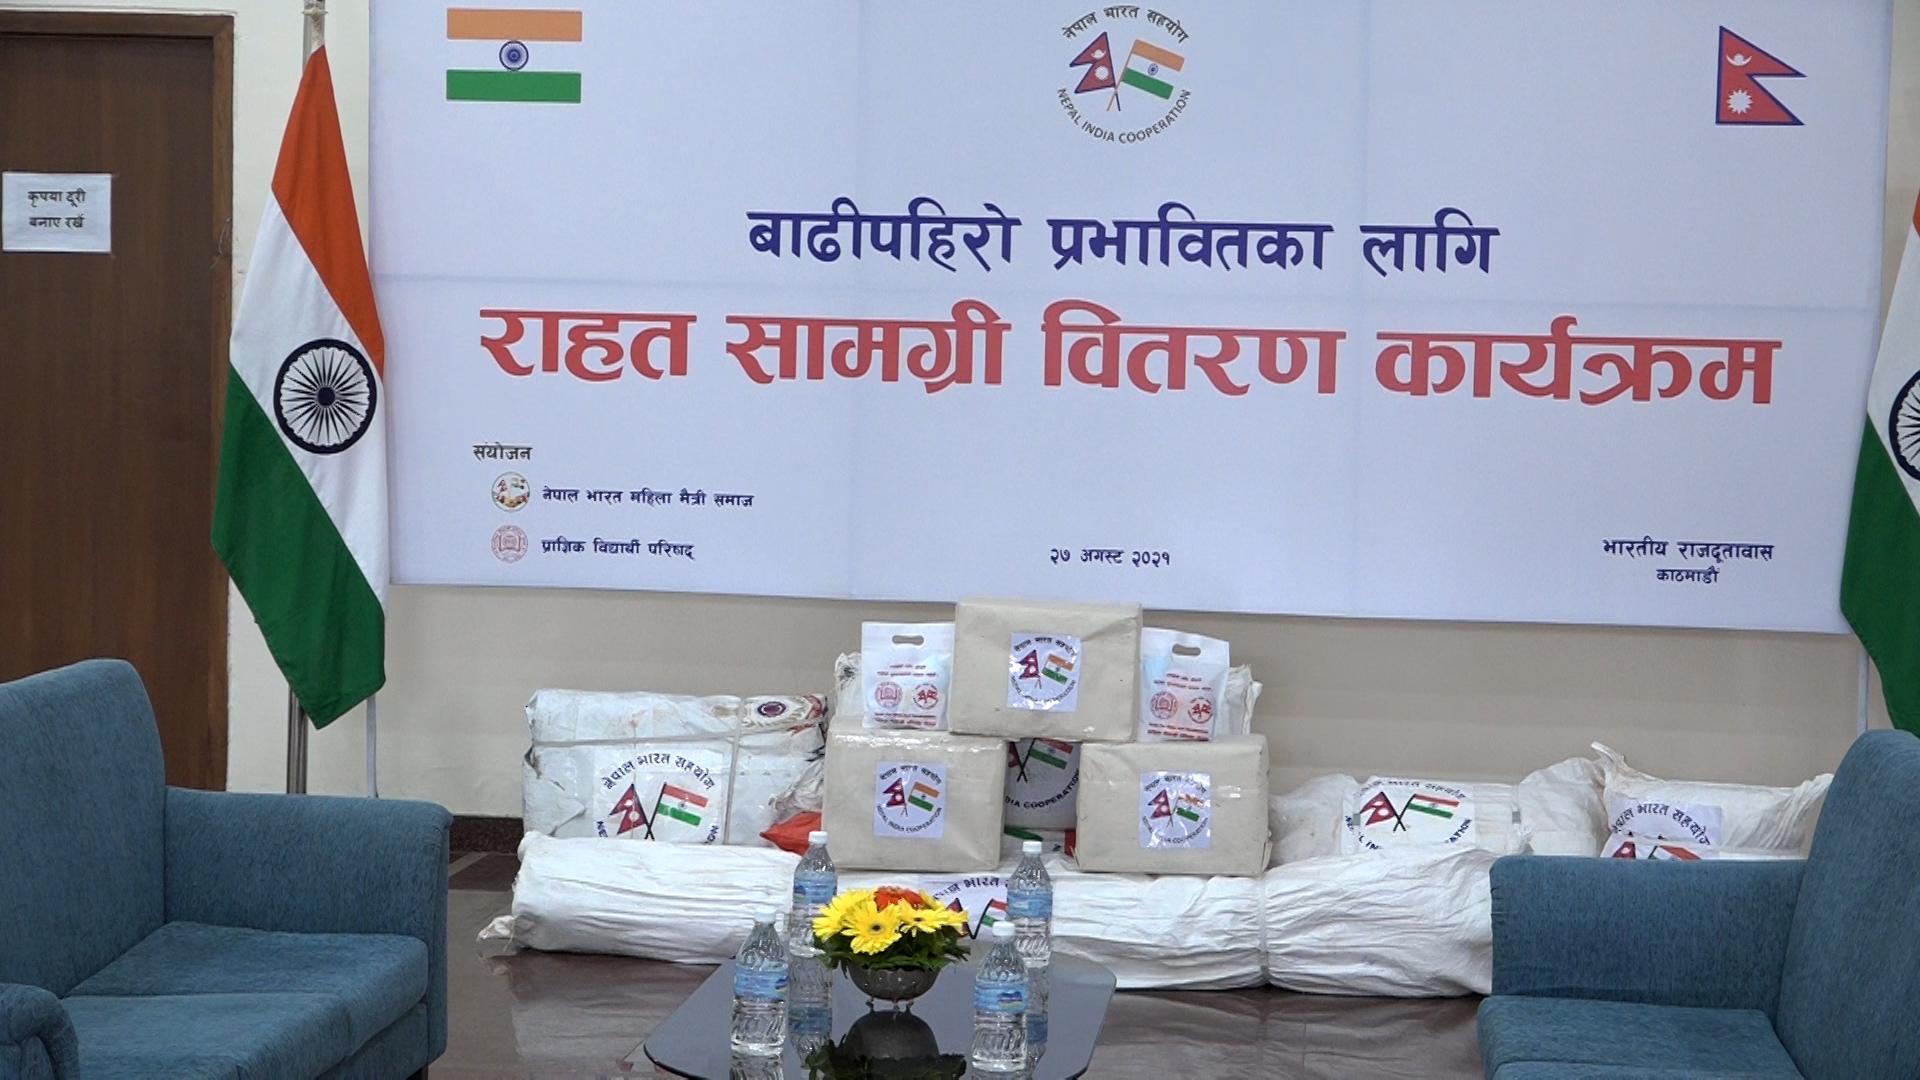 भारतद्धारा बाढी प्रभावितहरुका लागि राहत हस्तान्तरण